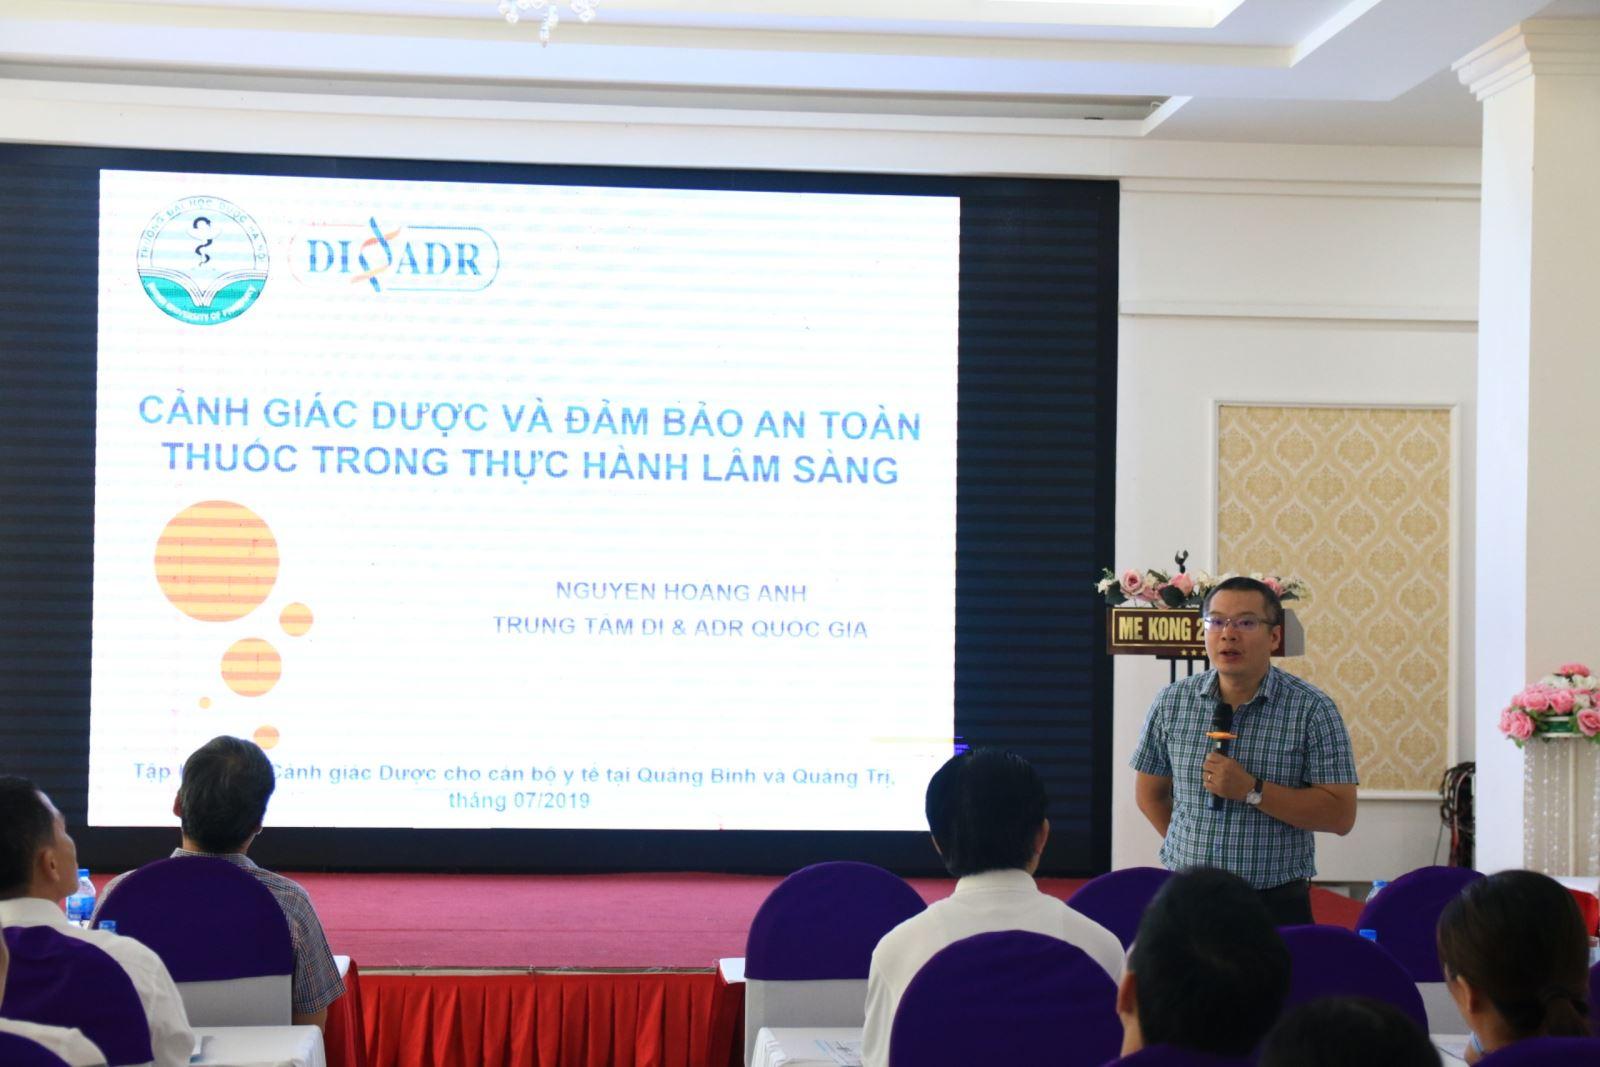 Tập huấn về Cảnh giác Dược và An toàn thuốc cho cán bộ y tế năm 2019 tại Quảng Bình và Quảng Trị